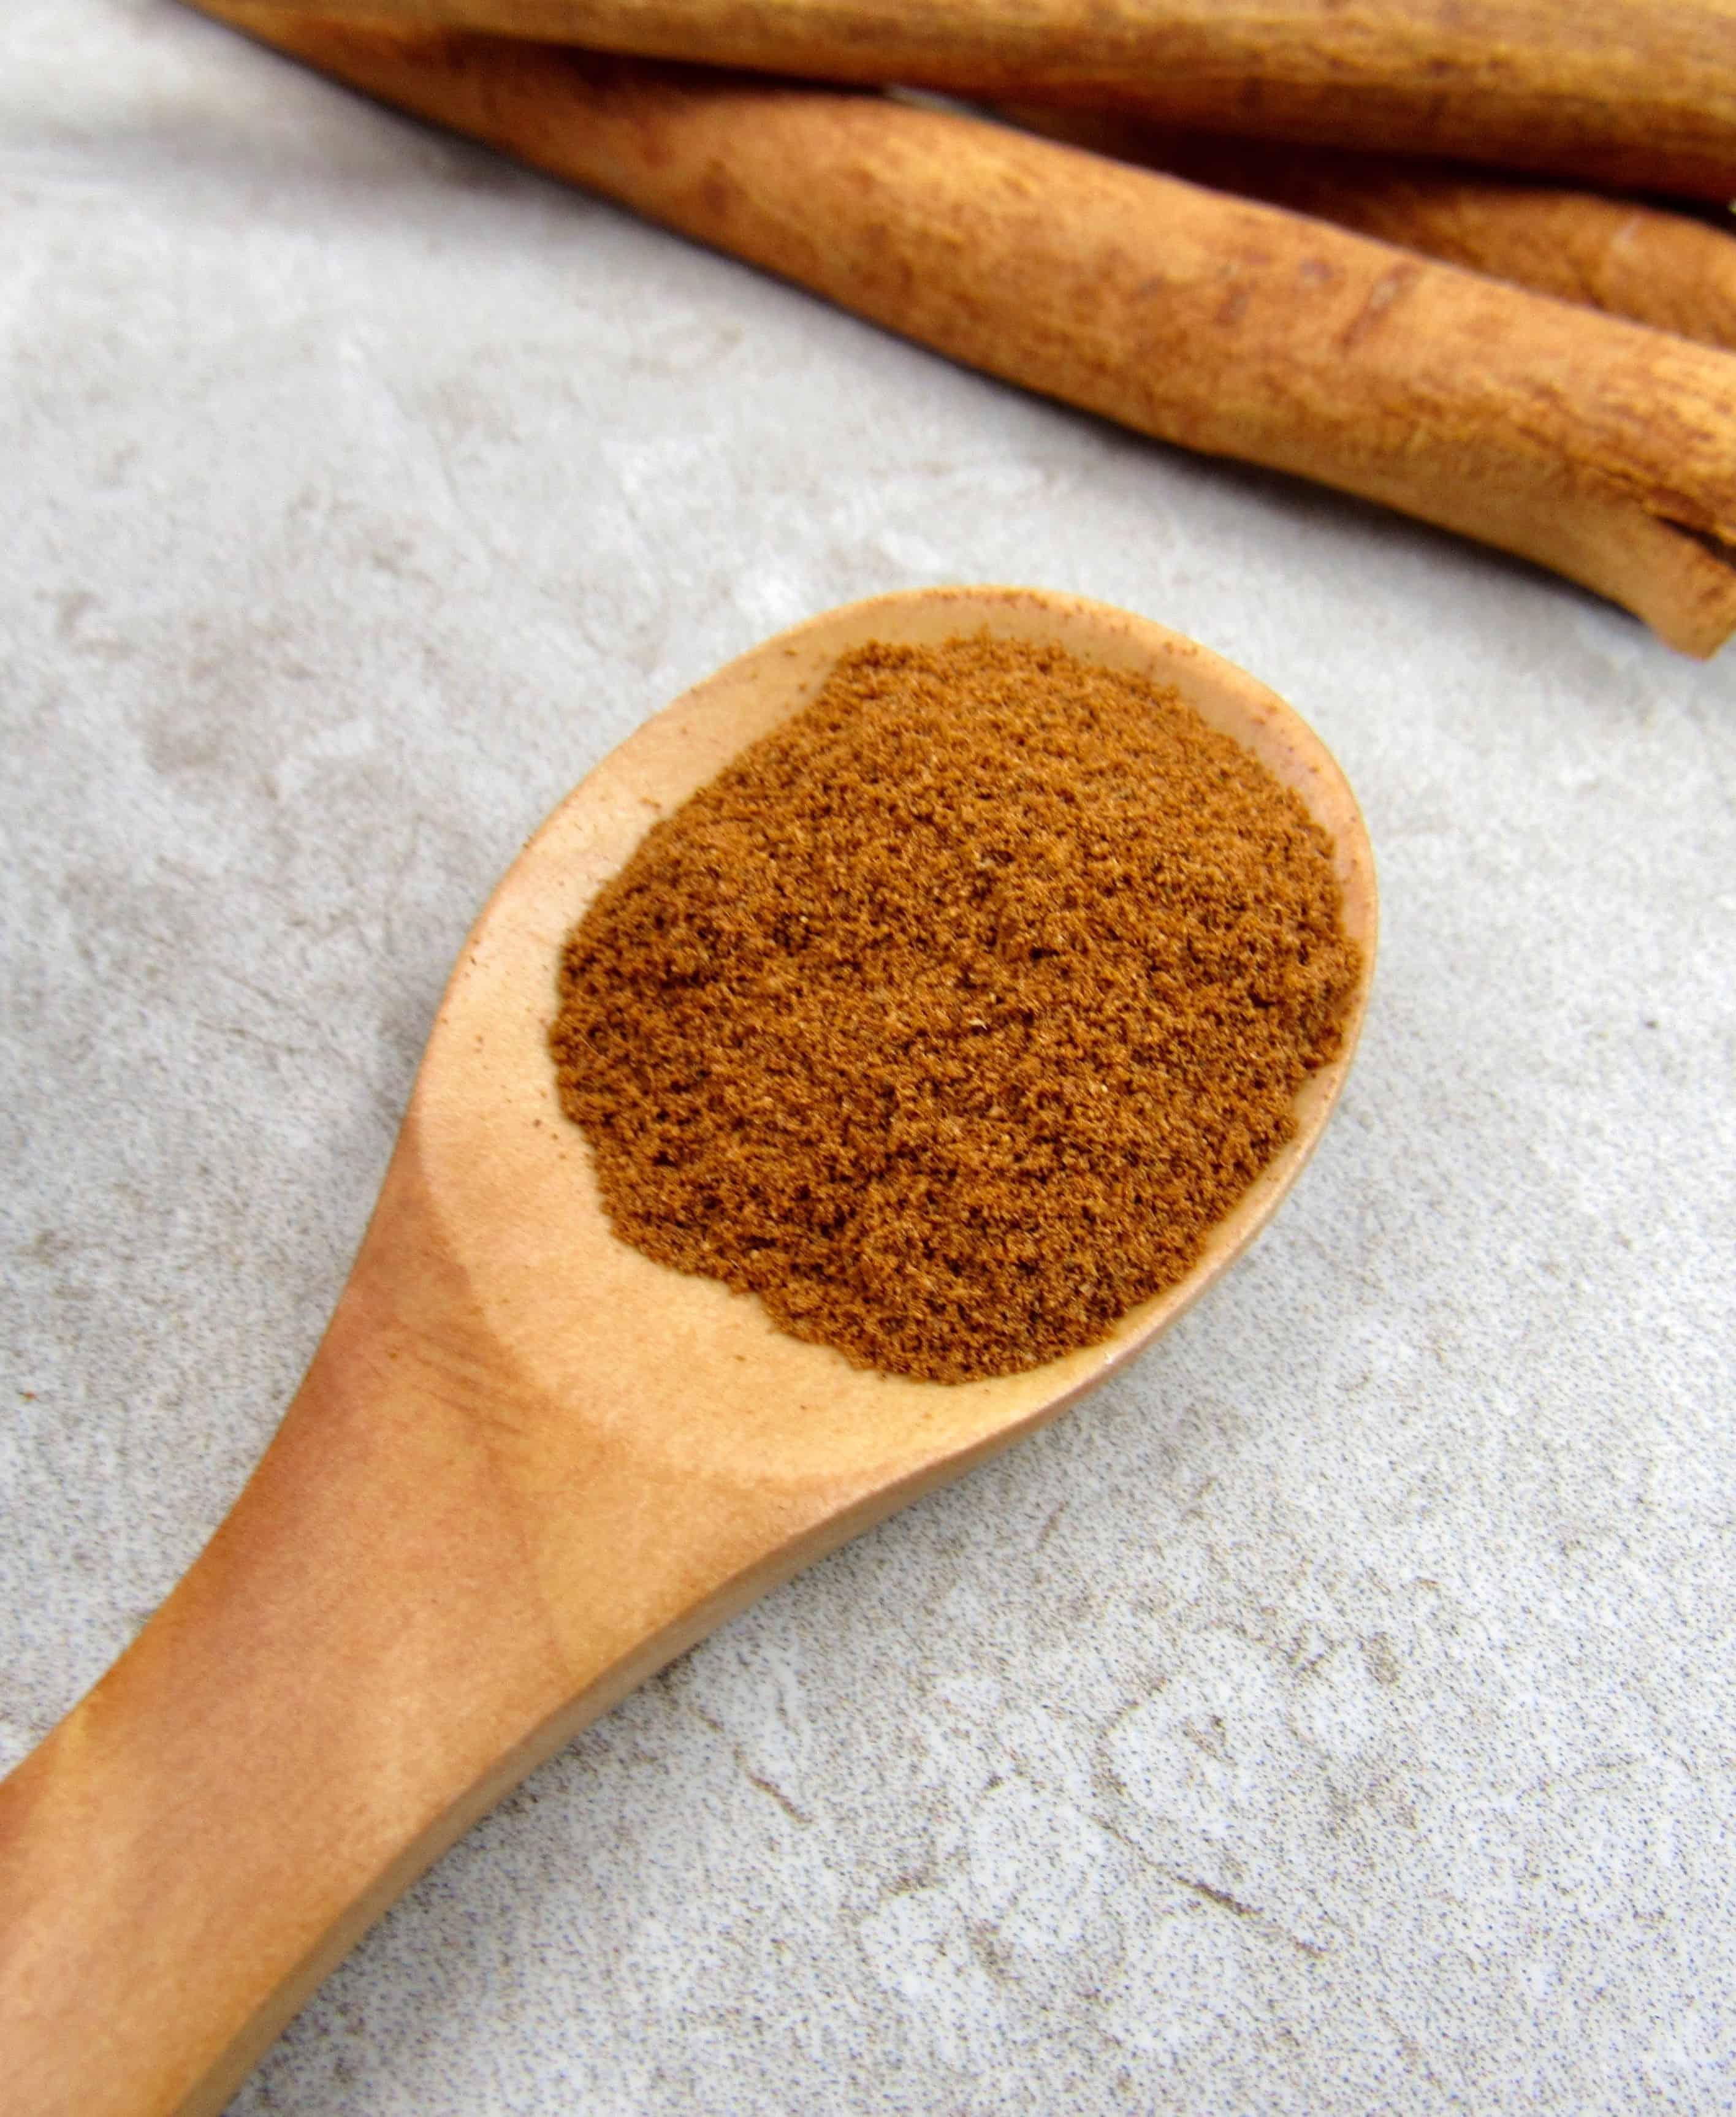 apple pie spice in wooden spoon